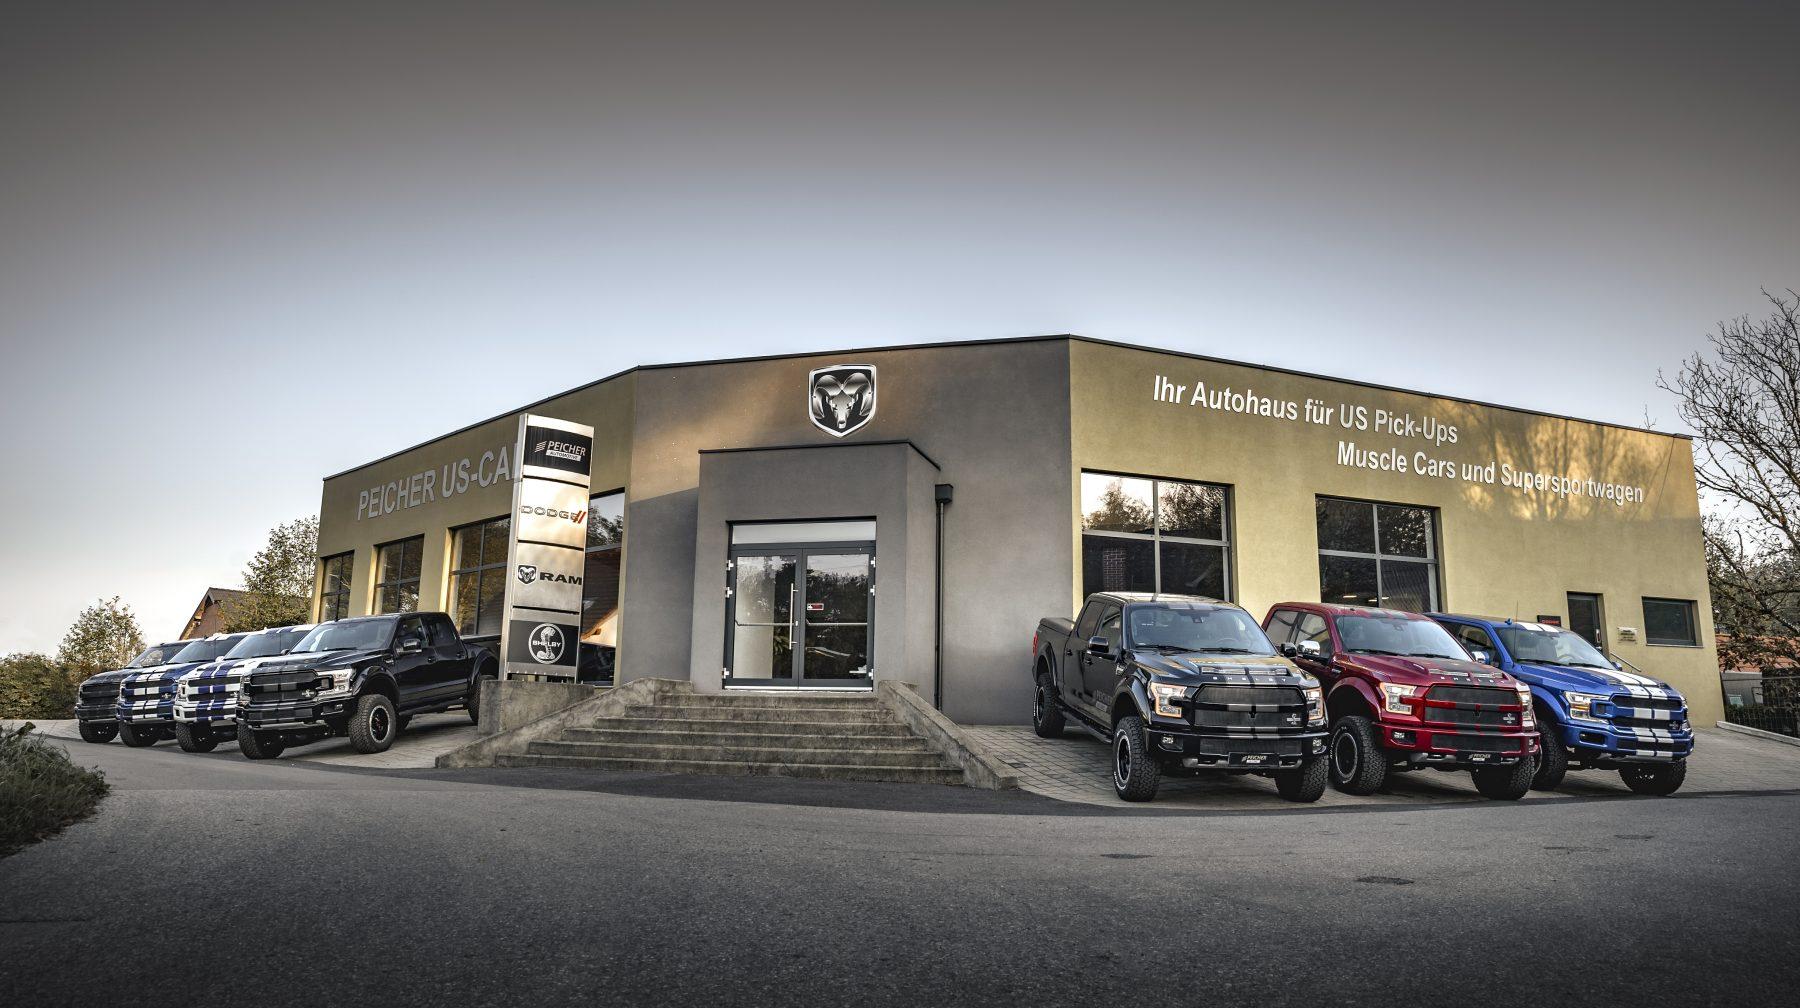 us-sales | peicher automotive